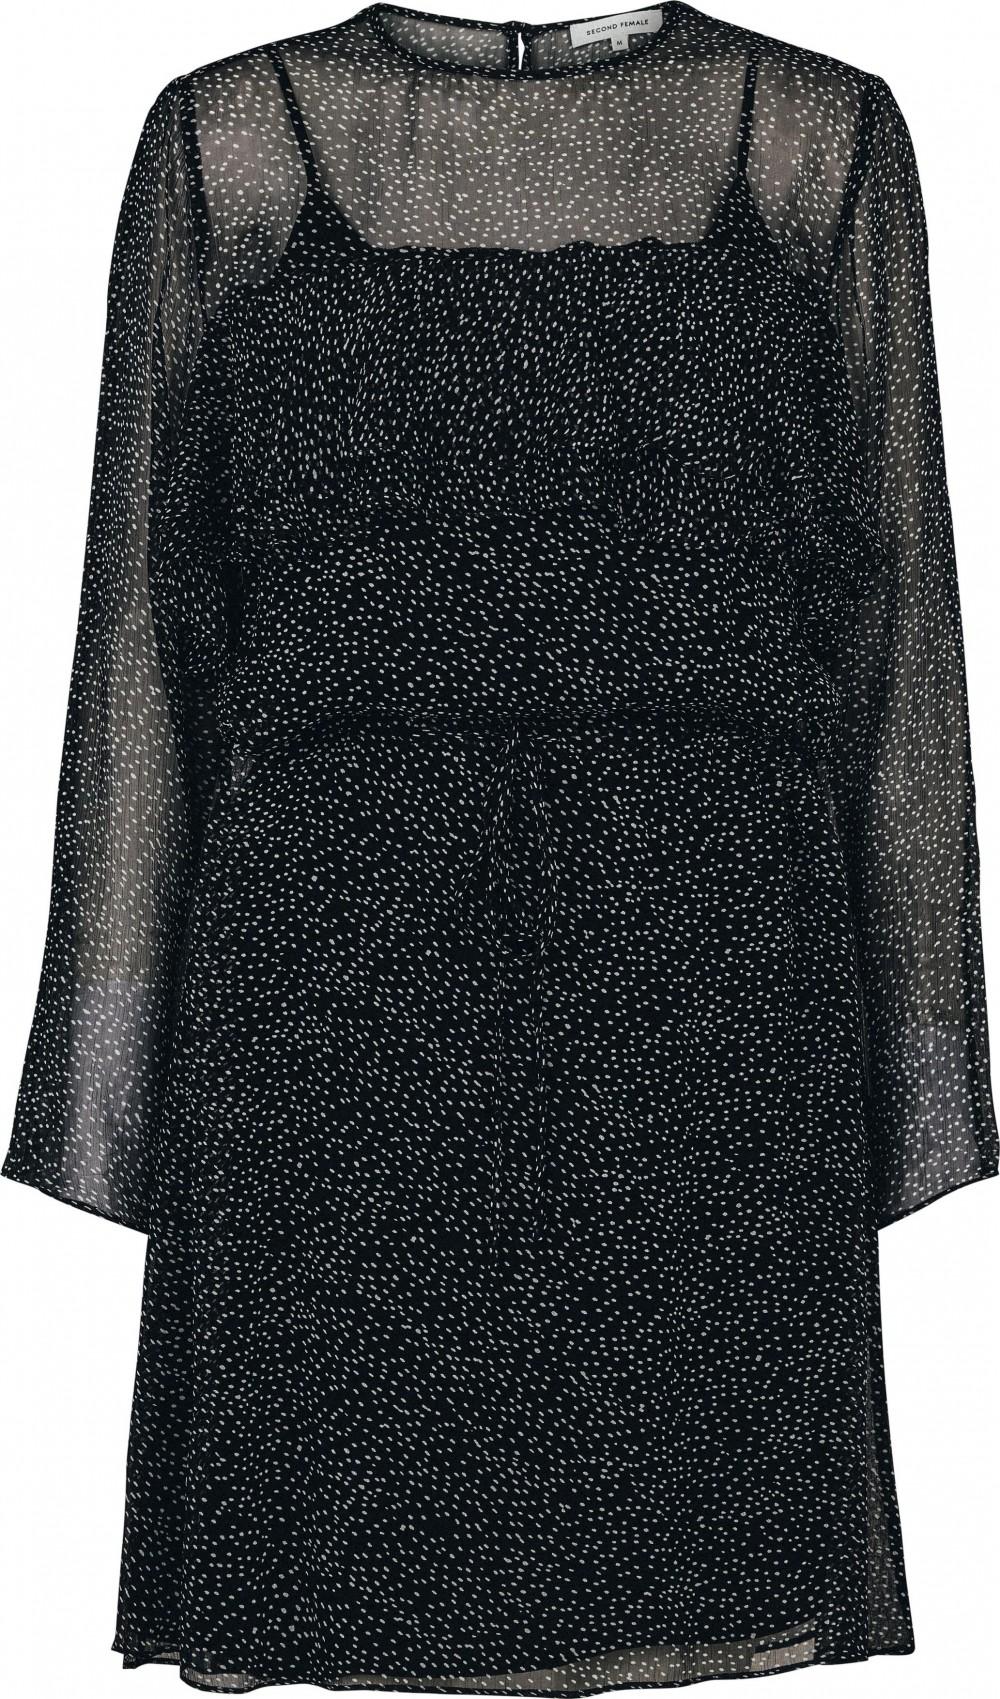 Stella kjole sort med hvite prikker